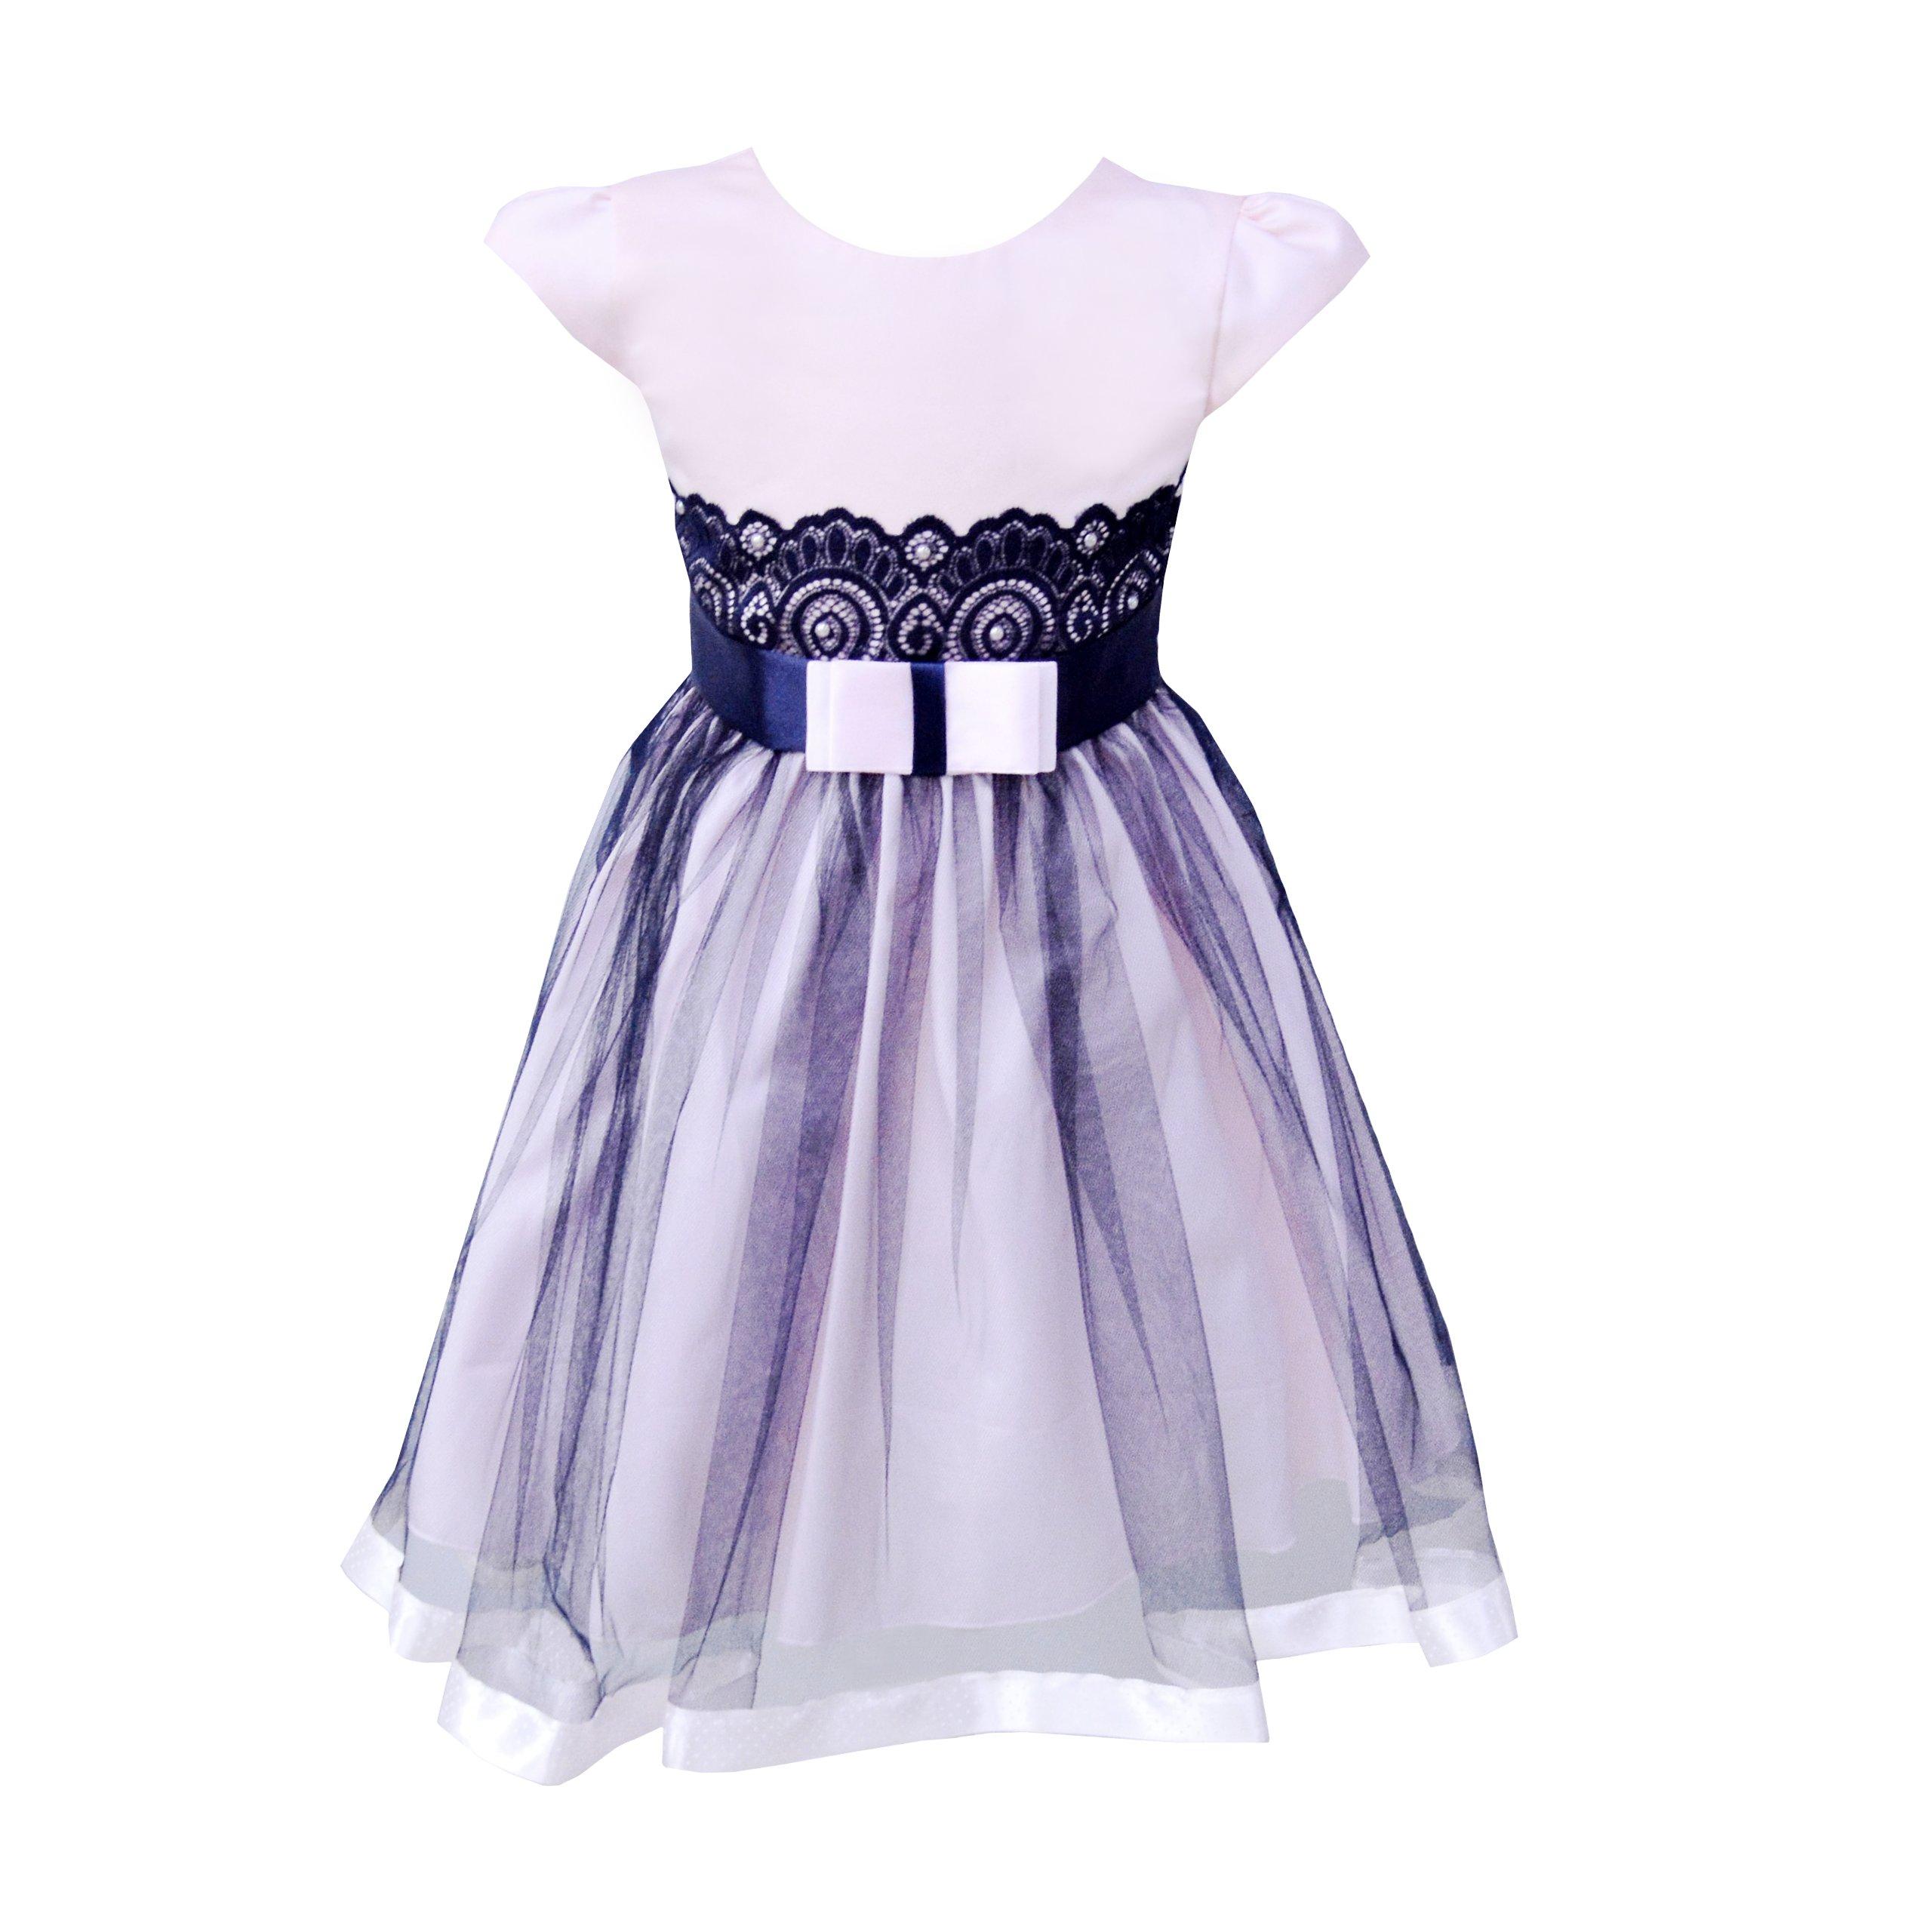 4a54f3017c Sukienka balowa tiul satyna rozm 116 7419051309 - Allegro.pl - Więcej niż  aukcje.